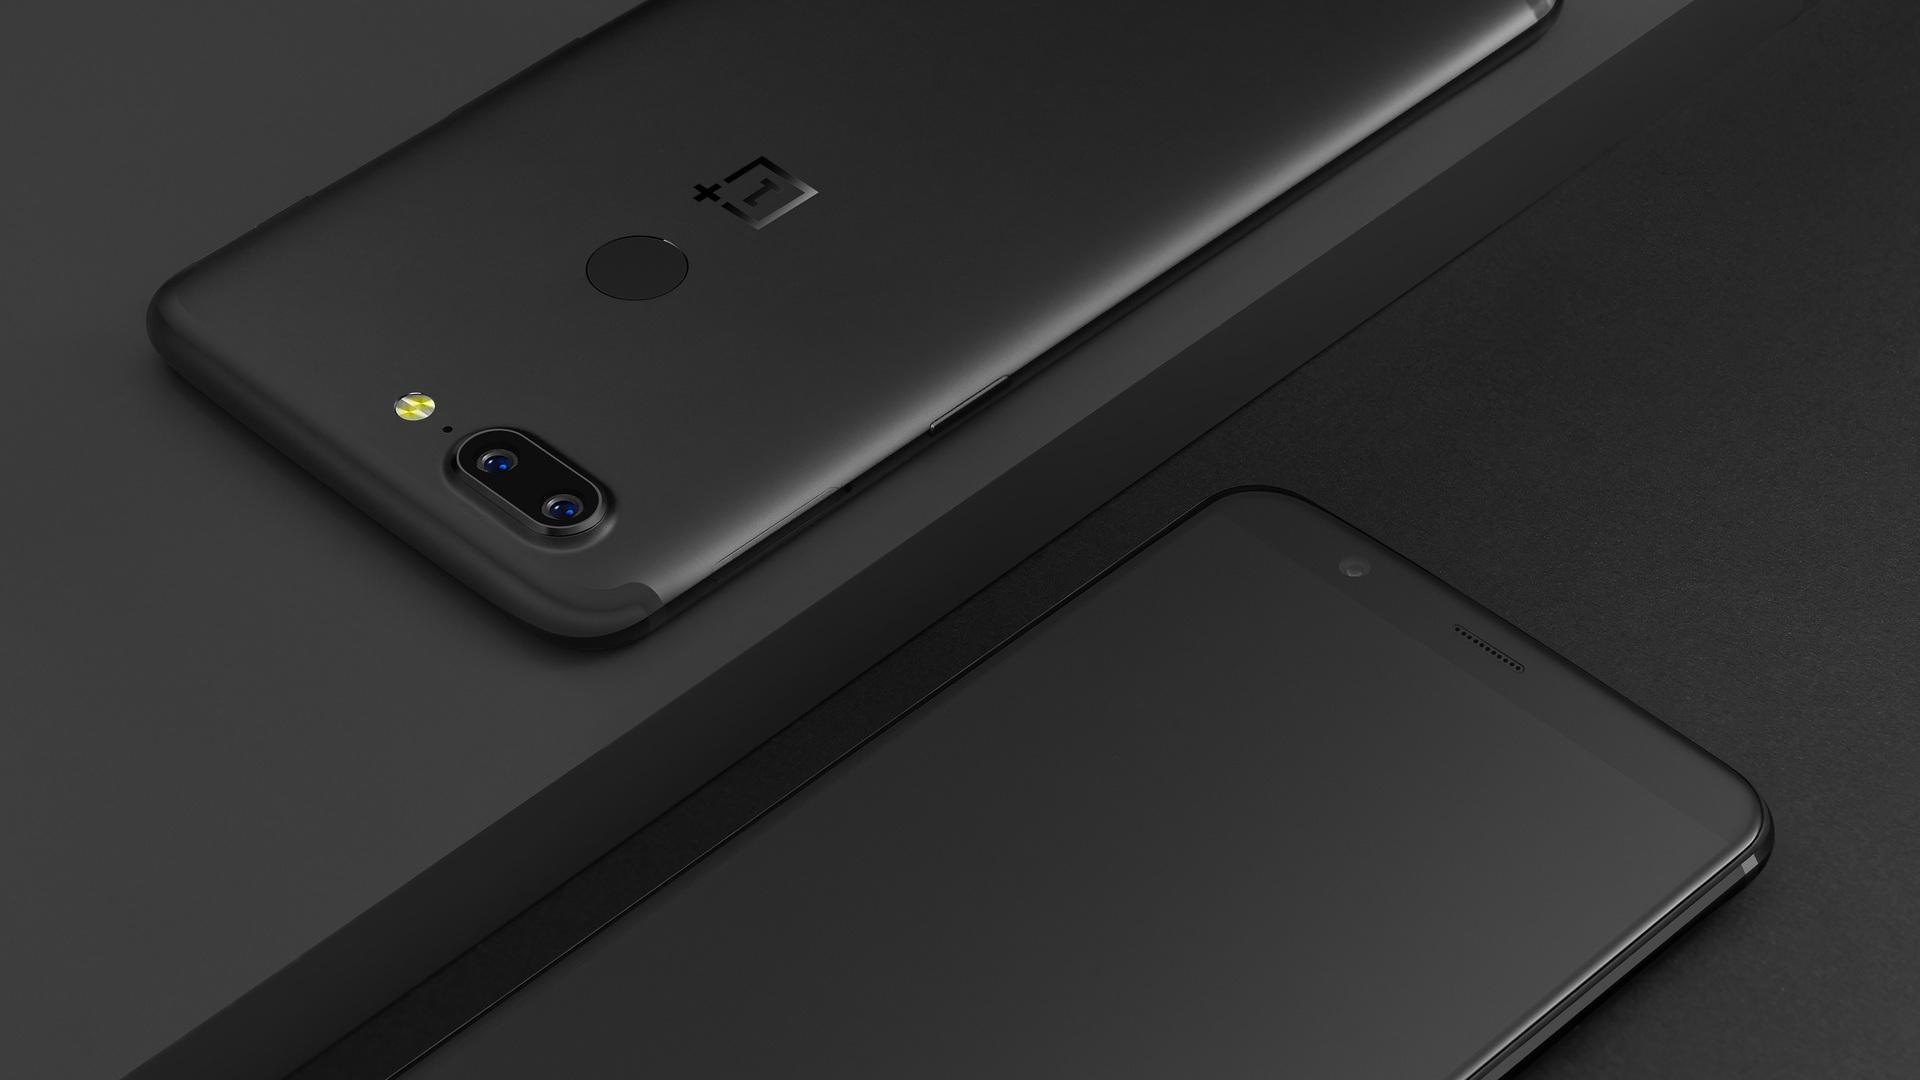 OnePlus 6 : avec un capteur d'empreinte digitale sous l'écran ?